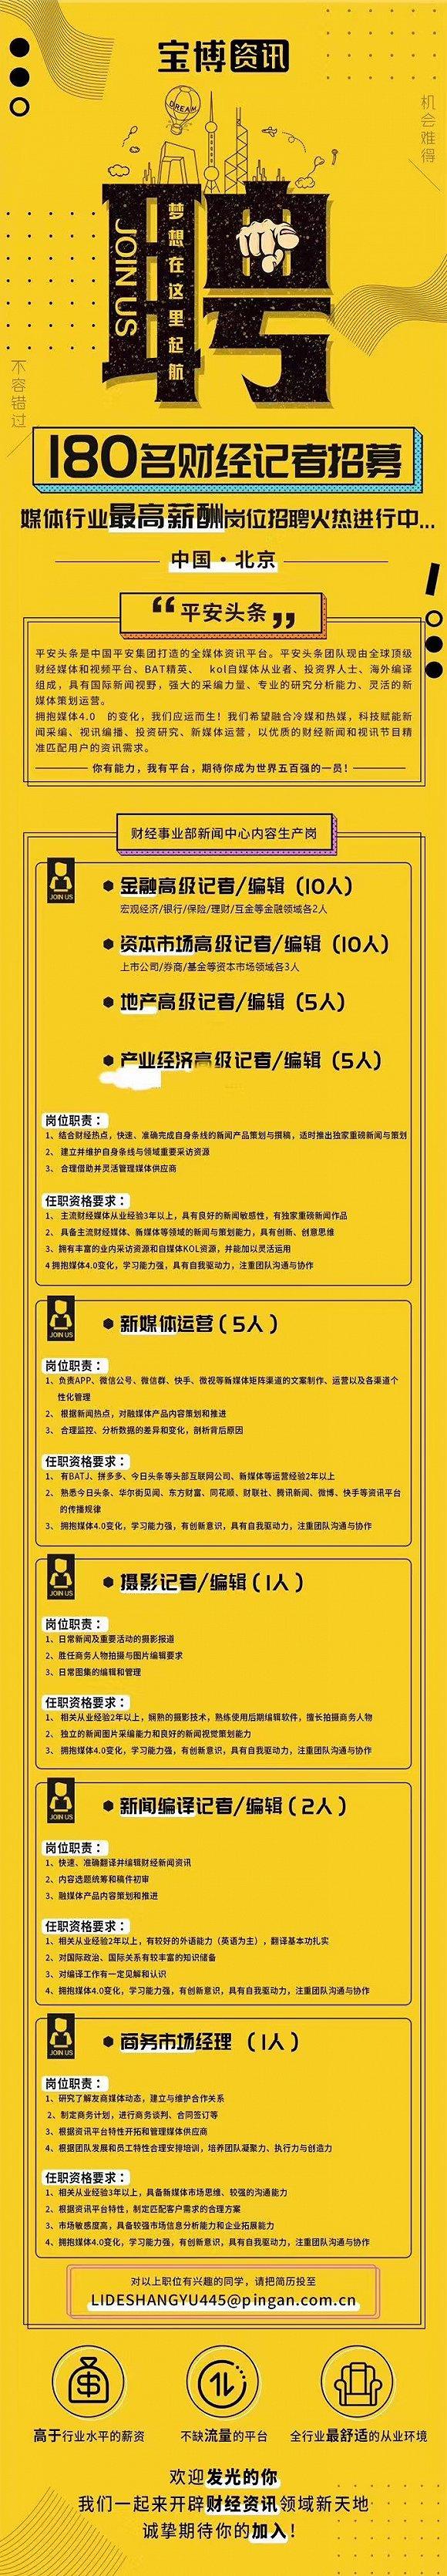 云鼎赌场官网 - 苏宁进博会期间海外采购额将达150亿欧元